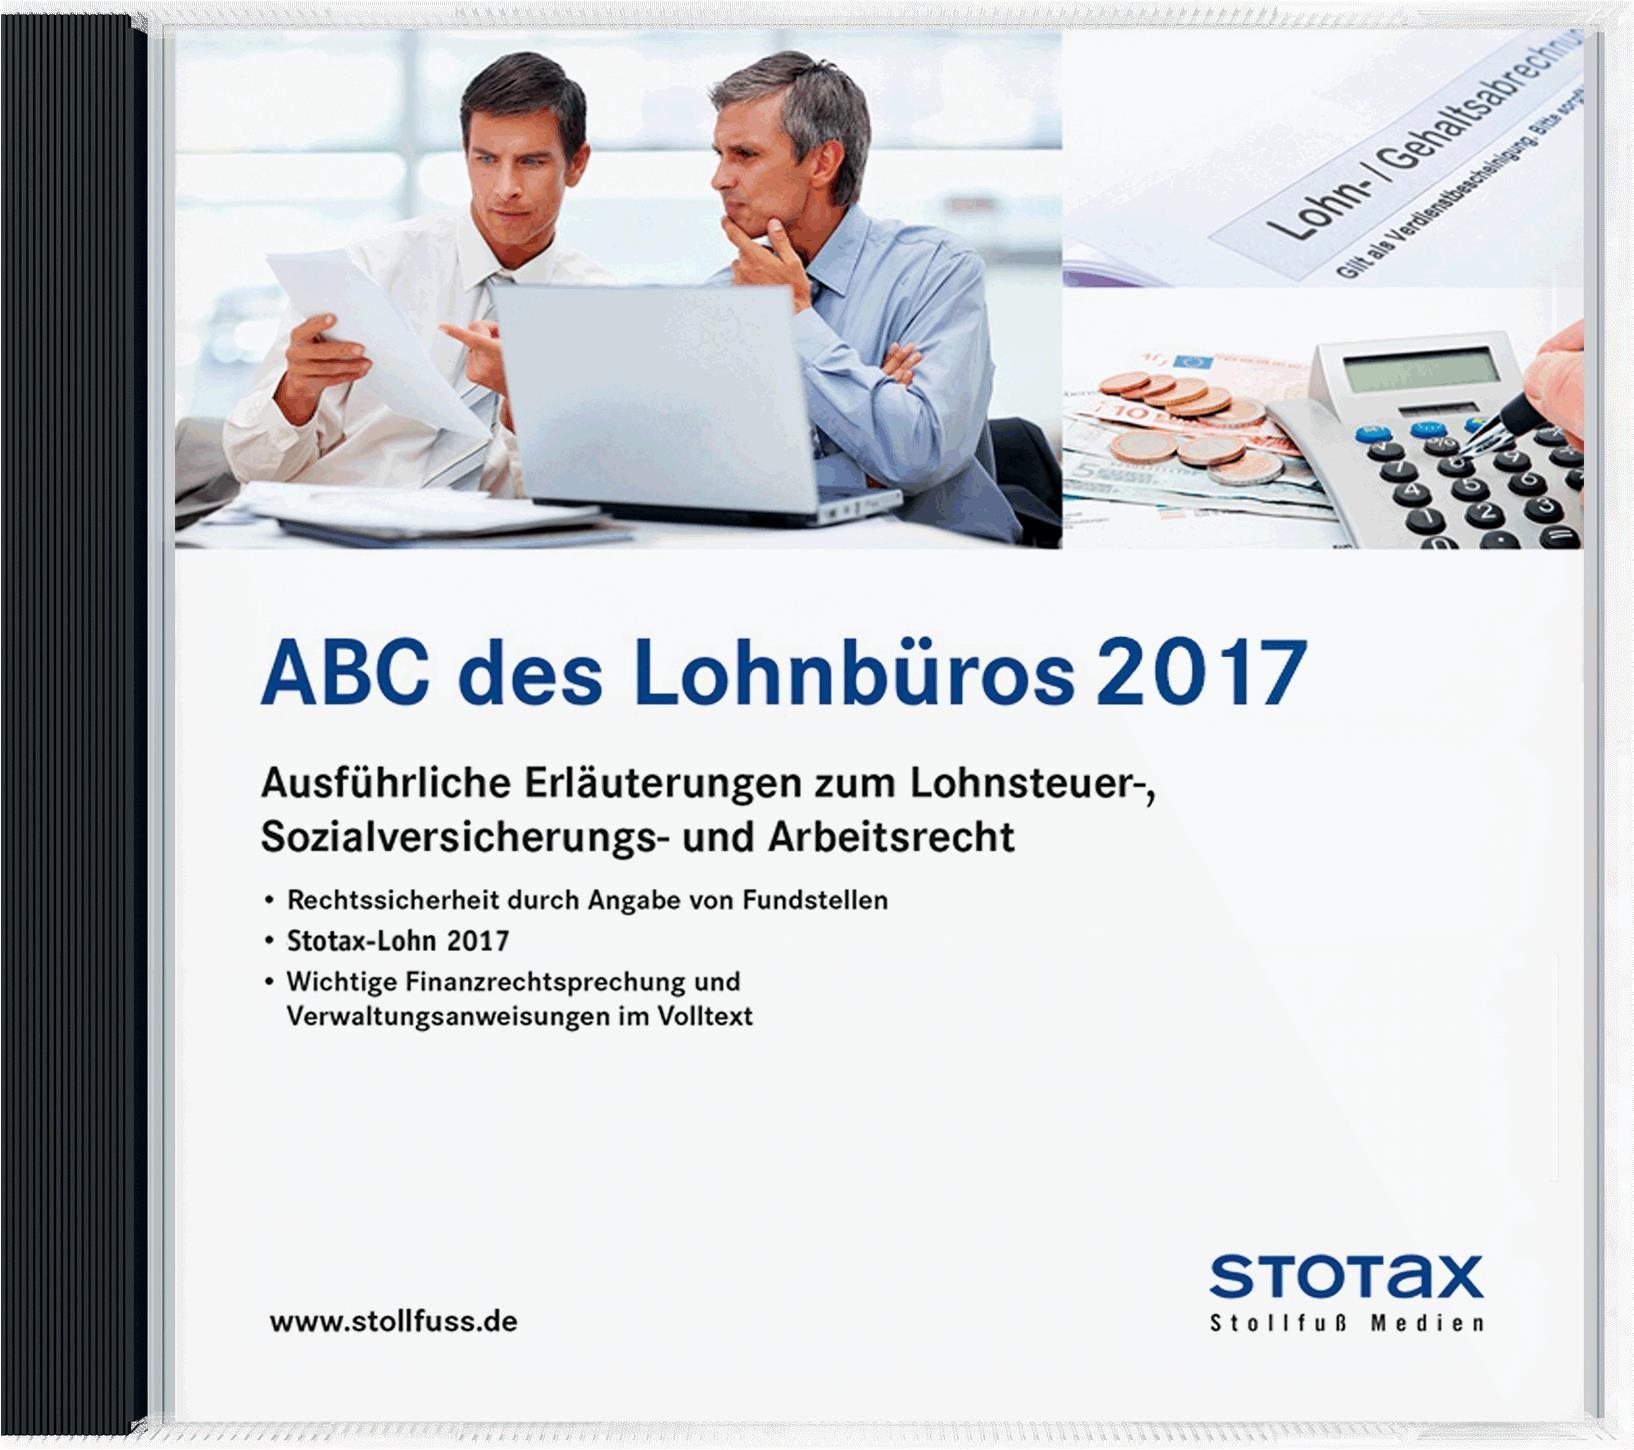 ABC des Lohnbüros 2017 – DVD/Online, 2016 (Cover)